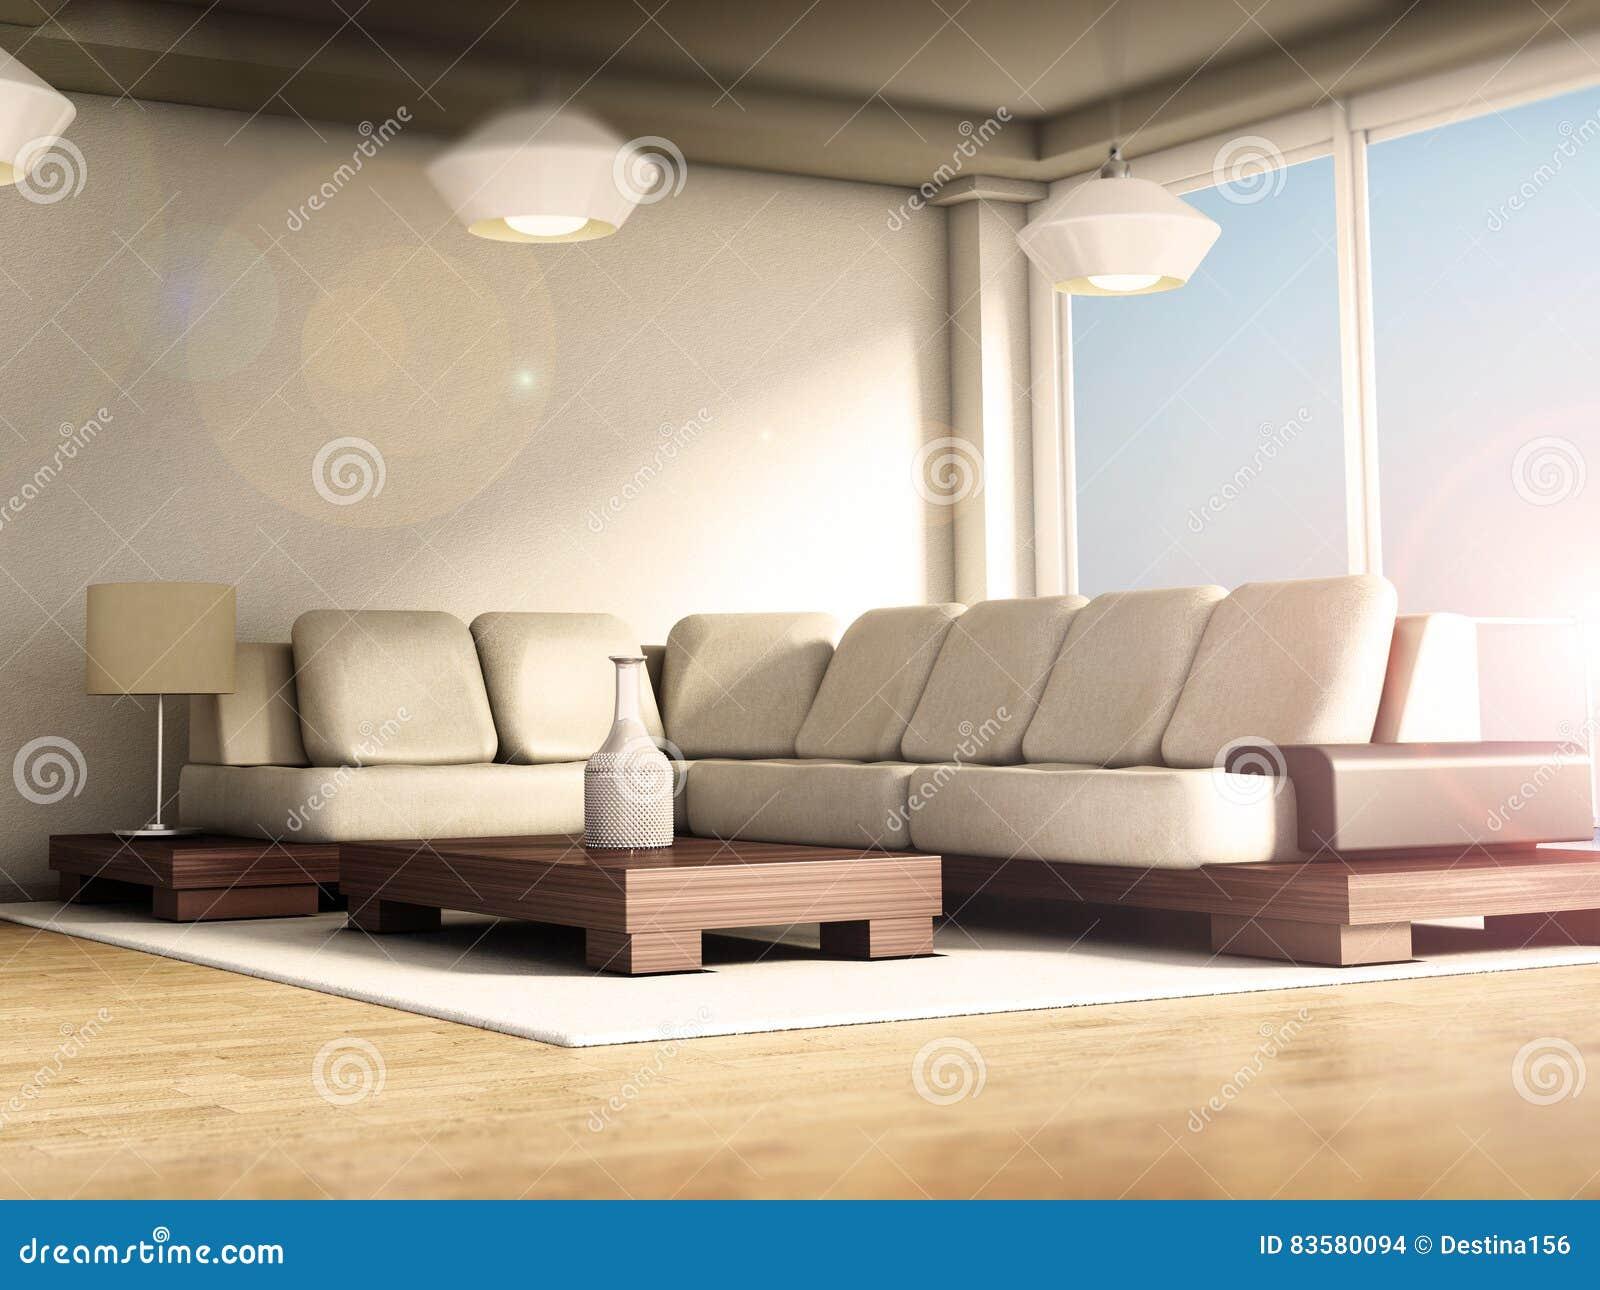 Moderner Rauminnenraum Mit Großen Fenstern Und Parkettboden ...